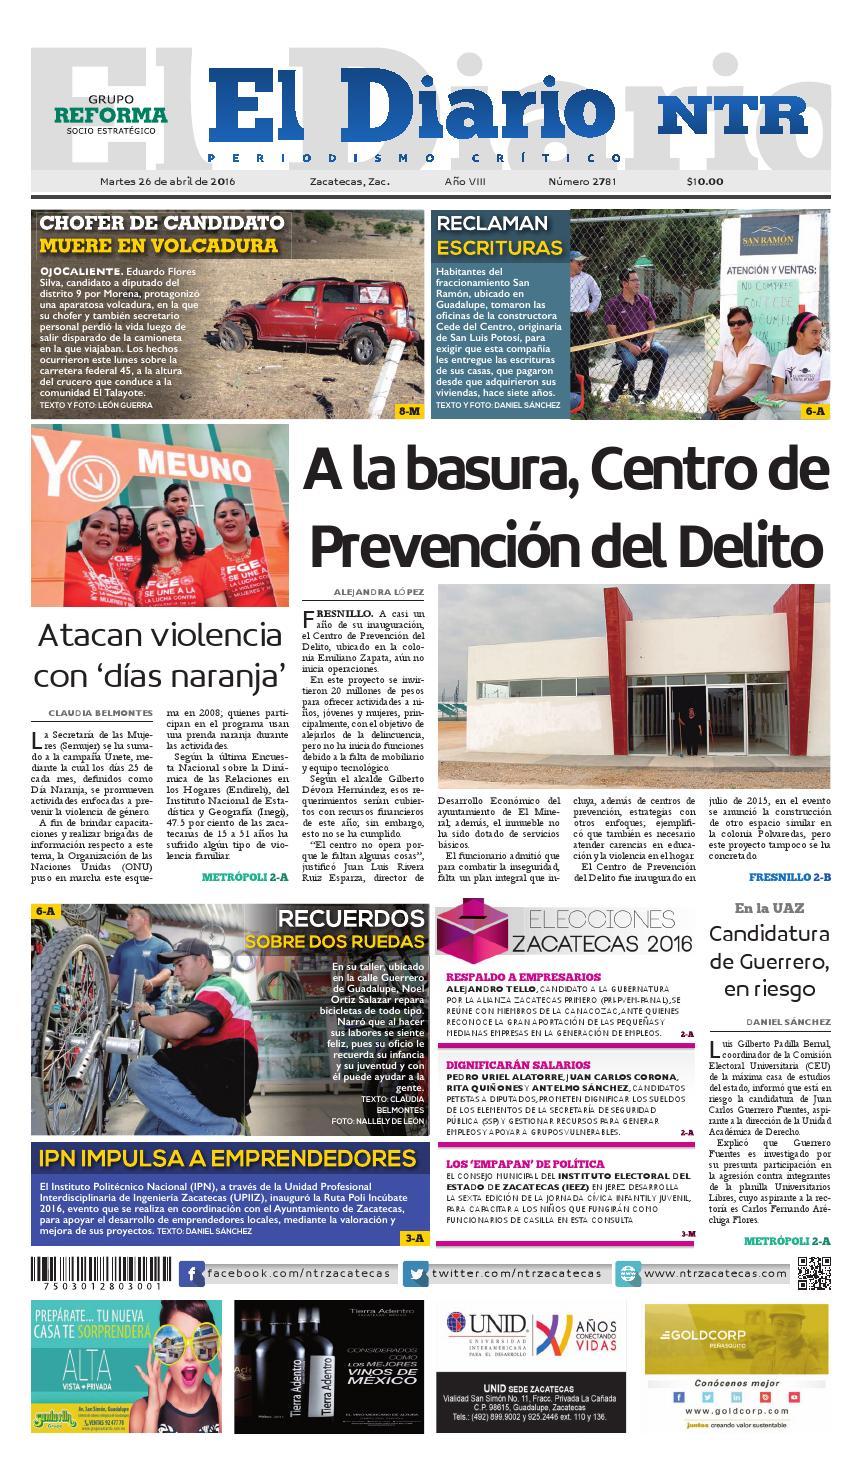 Codigo sagrado 888 casino online Brasília opiniones-180171